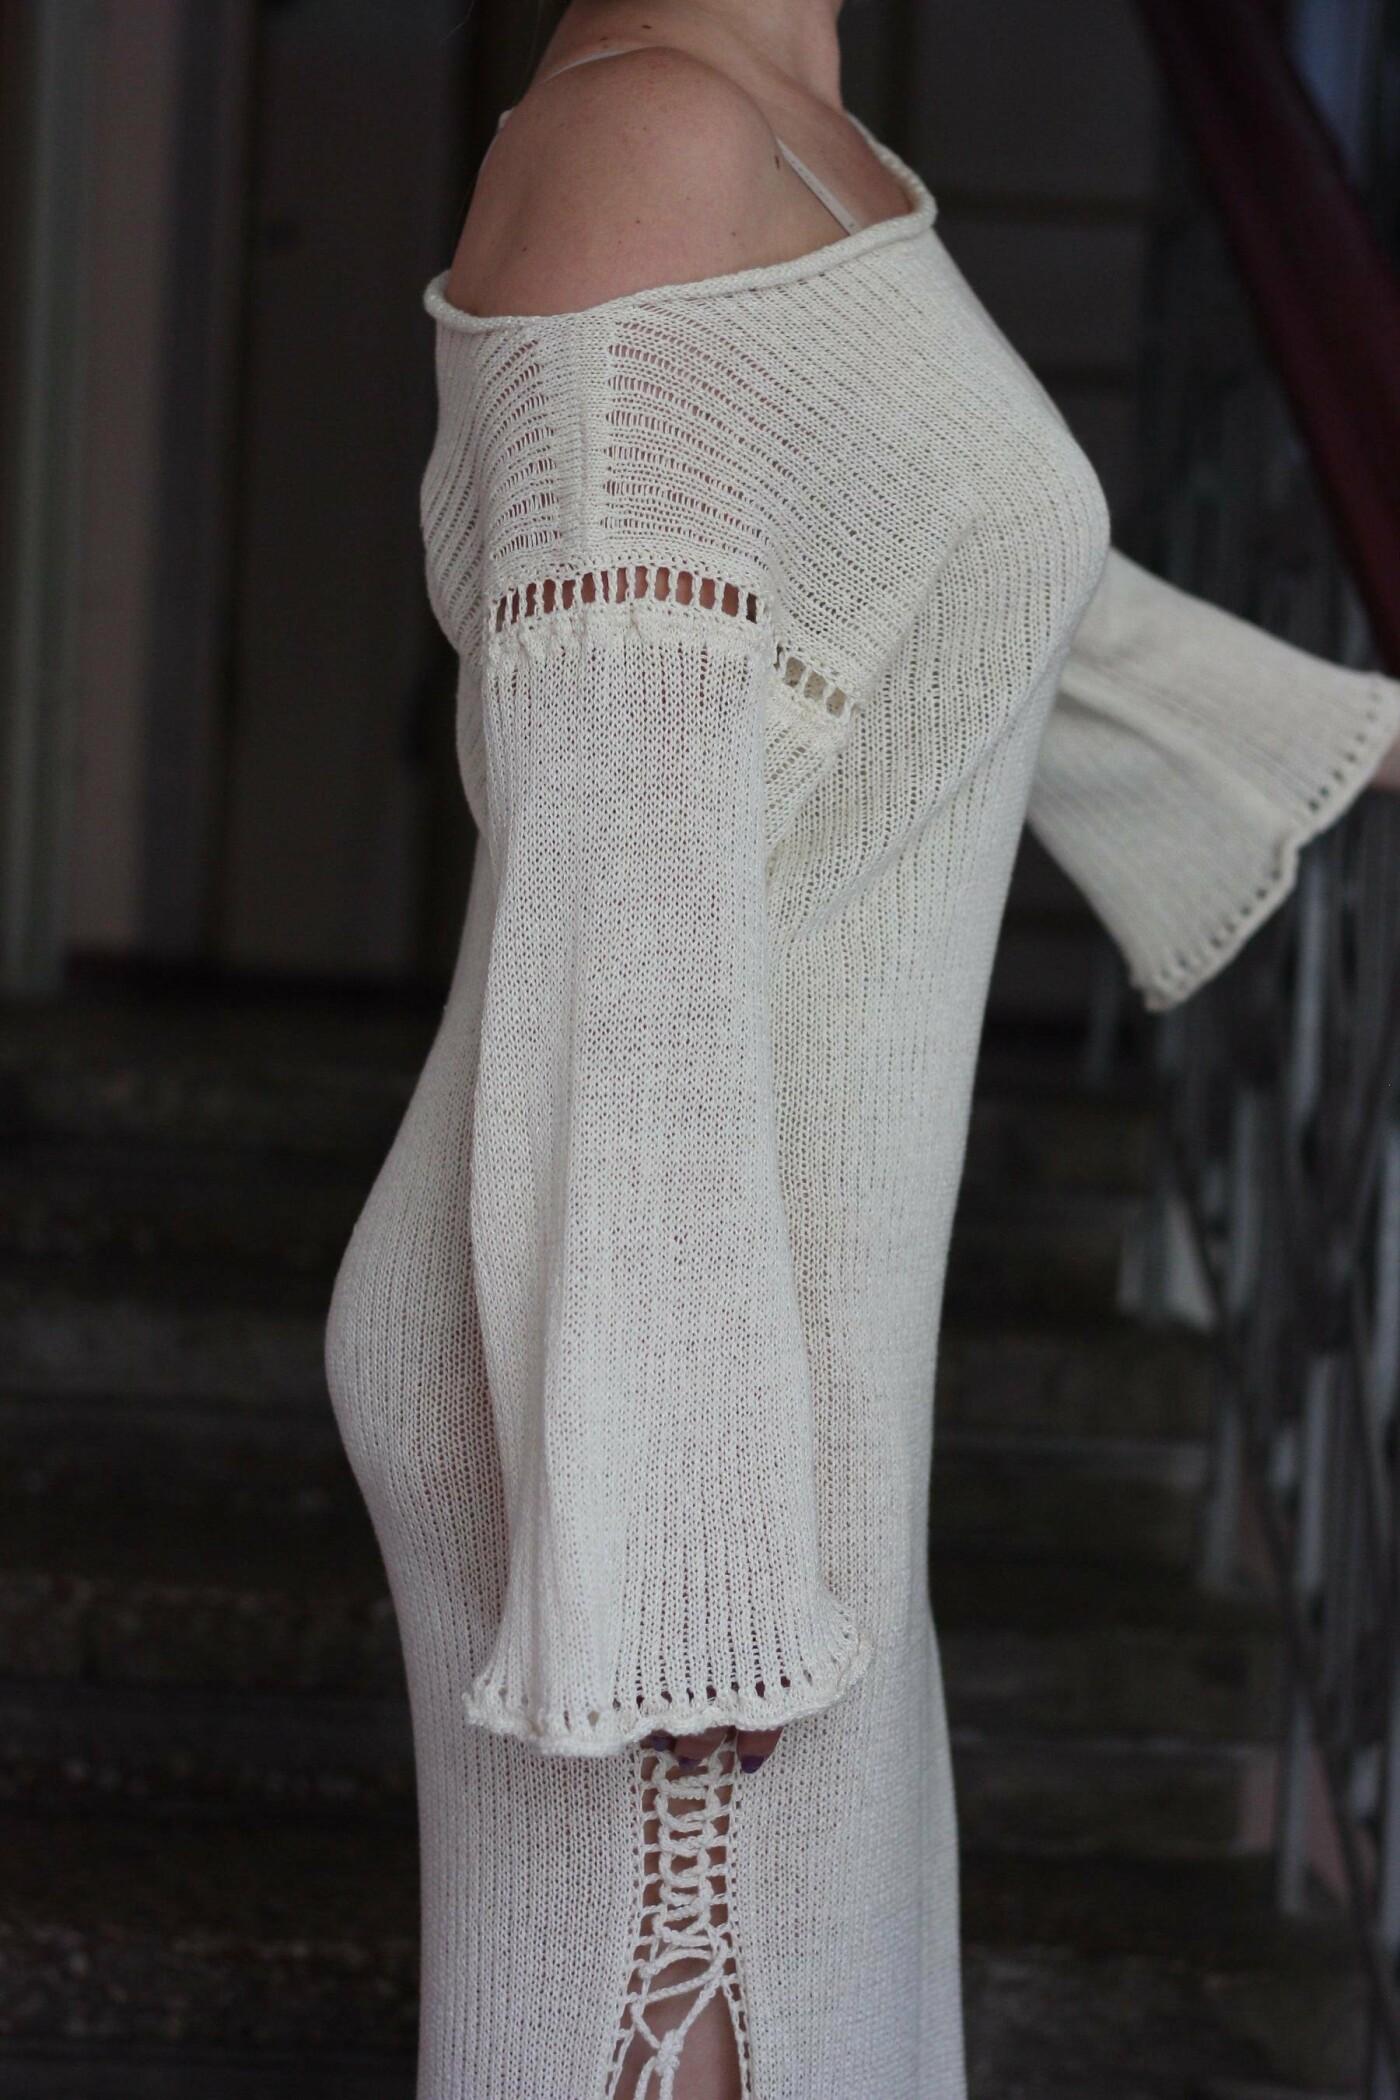 «Я вяжу уже более 50 лет и до сих пор засиживаюсь ночами со спицами» – мастерица из Днепра о вязании, семейном бренде и знаменитых клиентах, фото-4